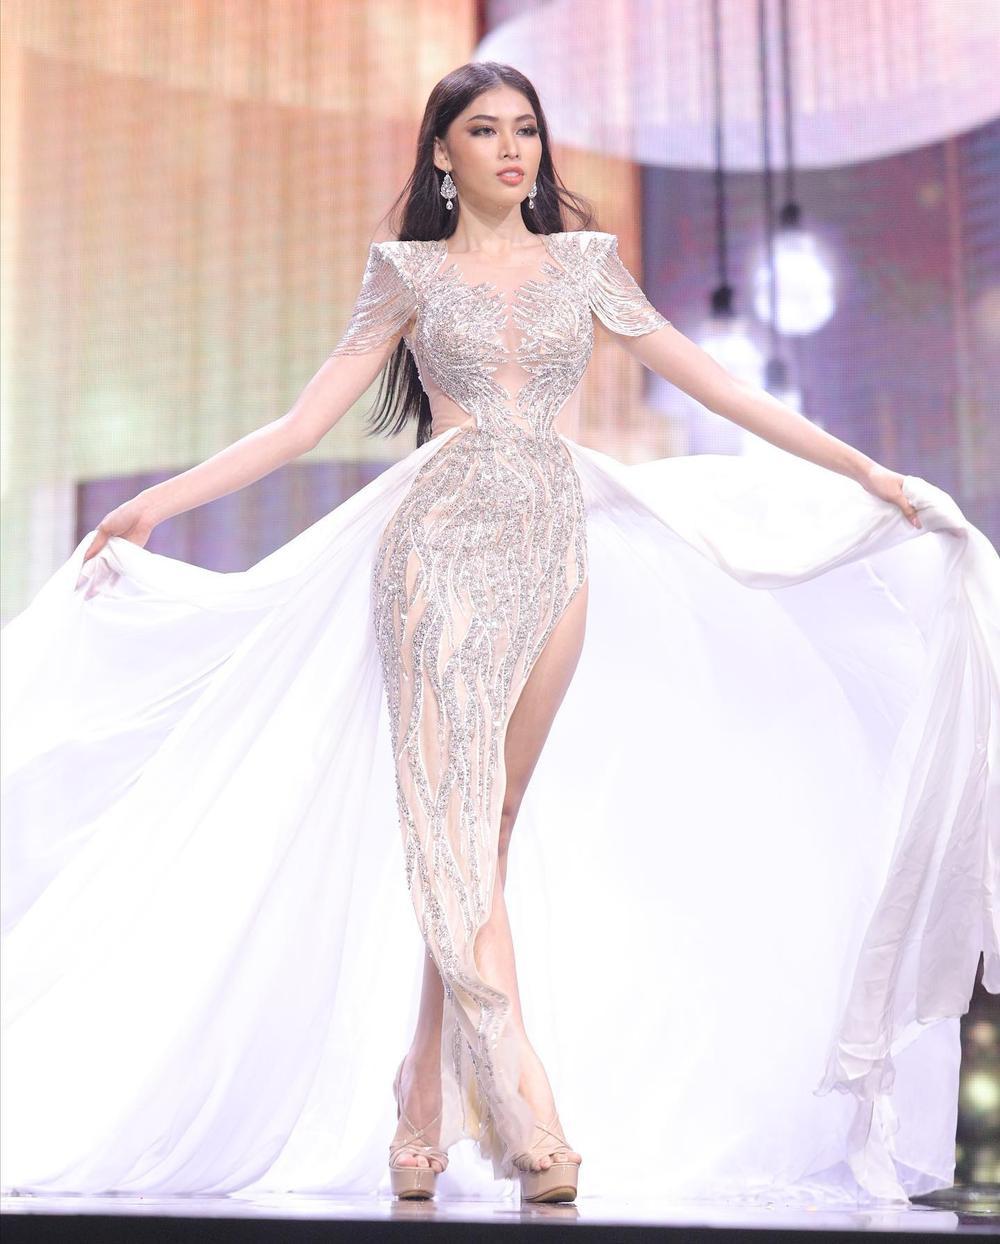 Hành trình lọt Top 20 của Ngọc Thảo: Nàng hậu 21 tuổi bản lĩnh chinh phục Miss Grand giữa mùa dịch! Ảnh 25